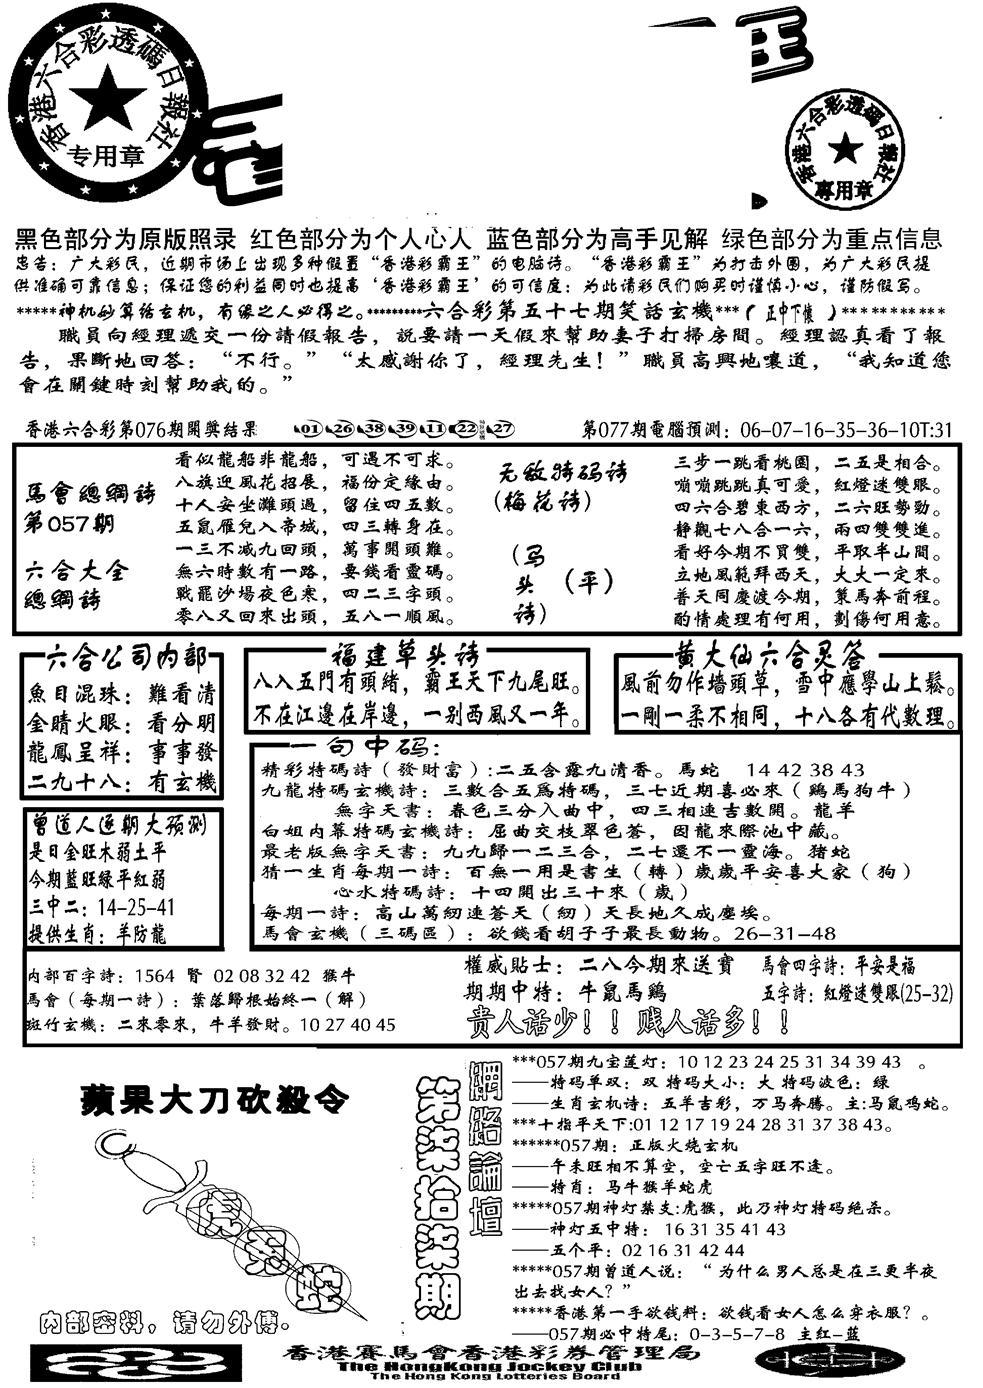 077期大刀彩霸王A(黑白)